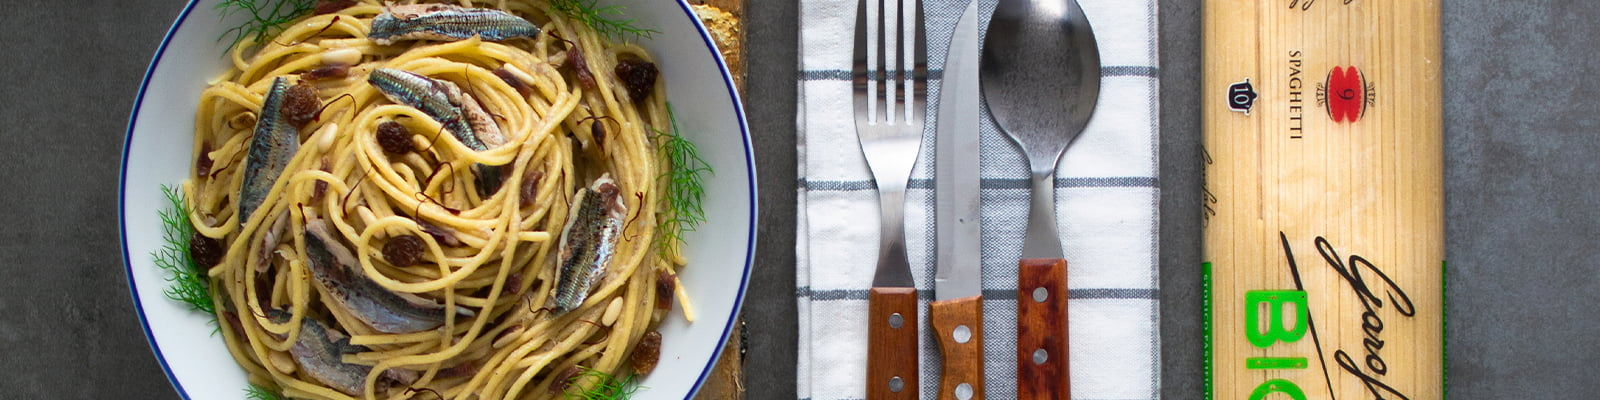 Pasta Garofalo - Spaghetti con sardinas y piñones